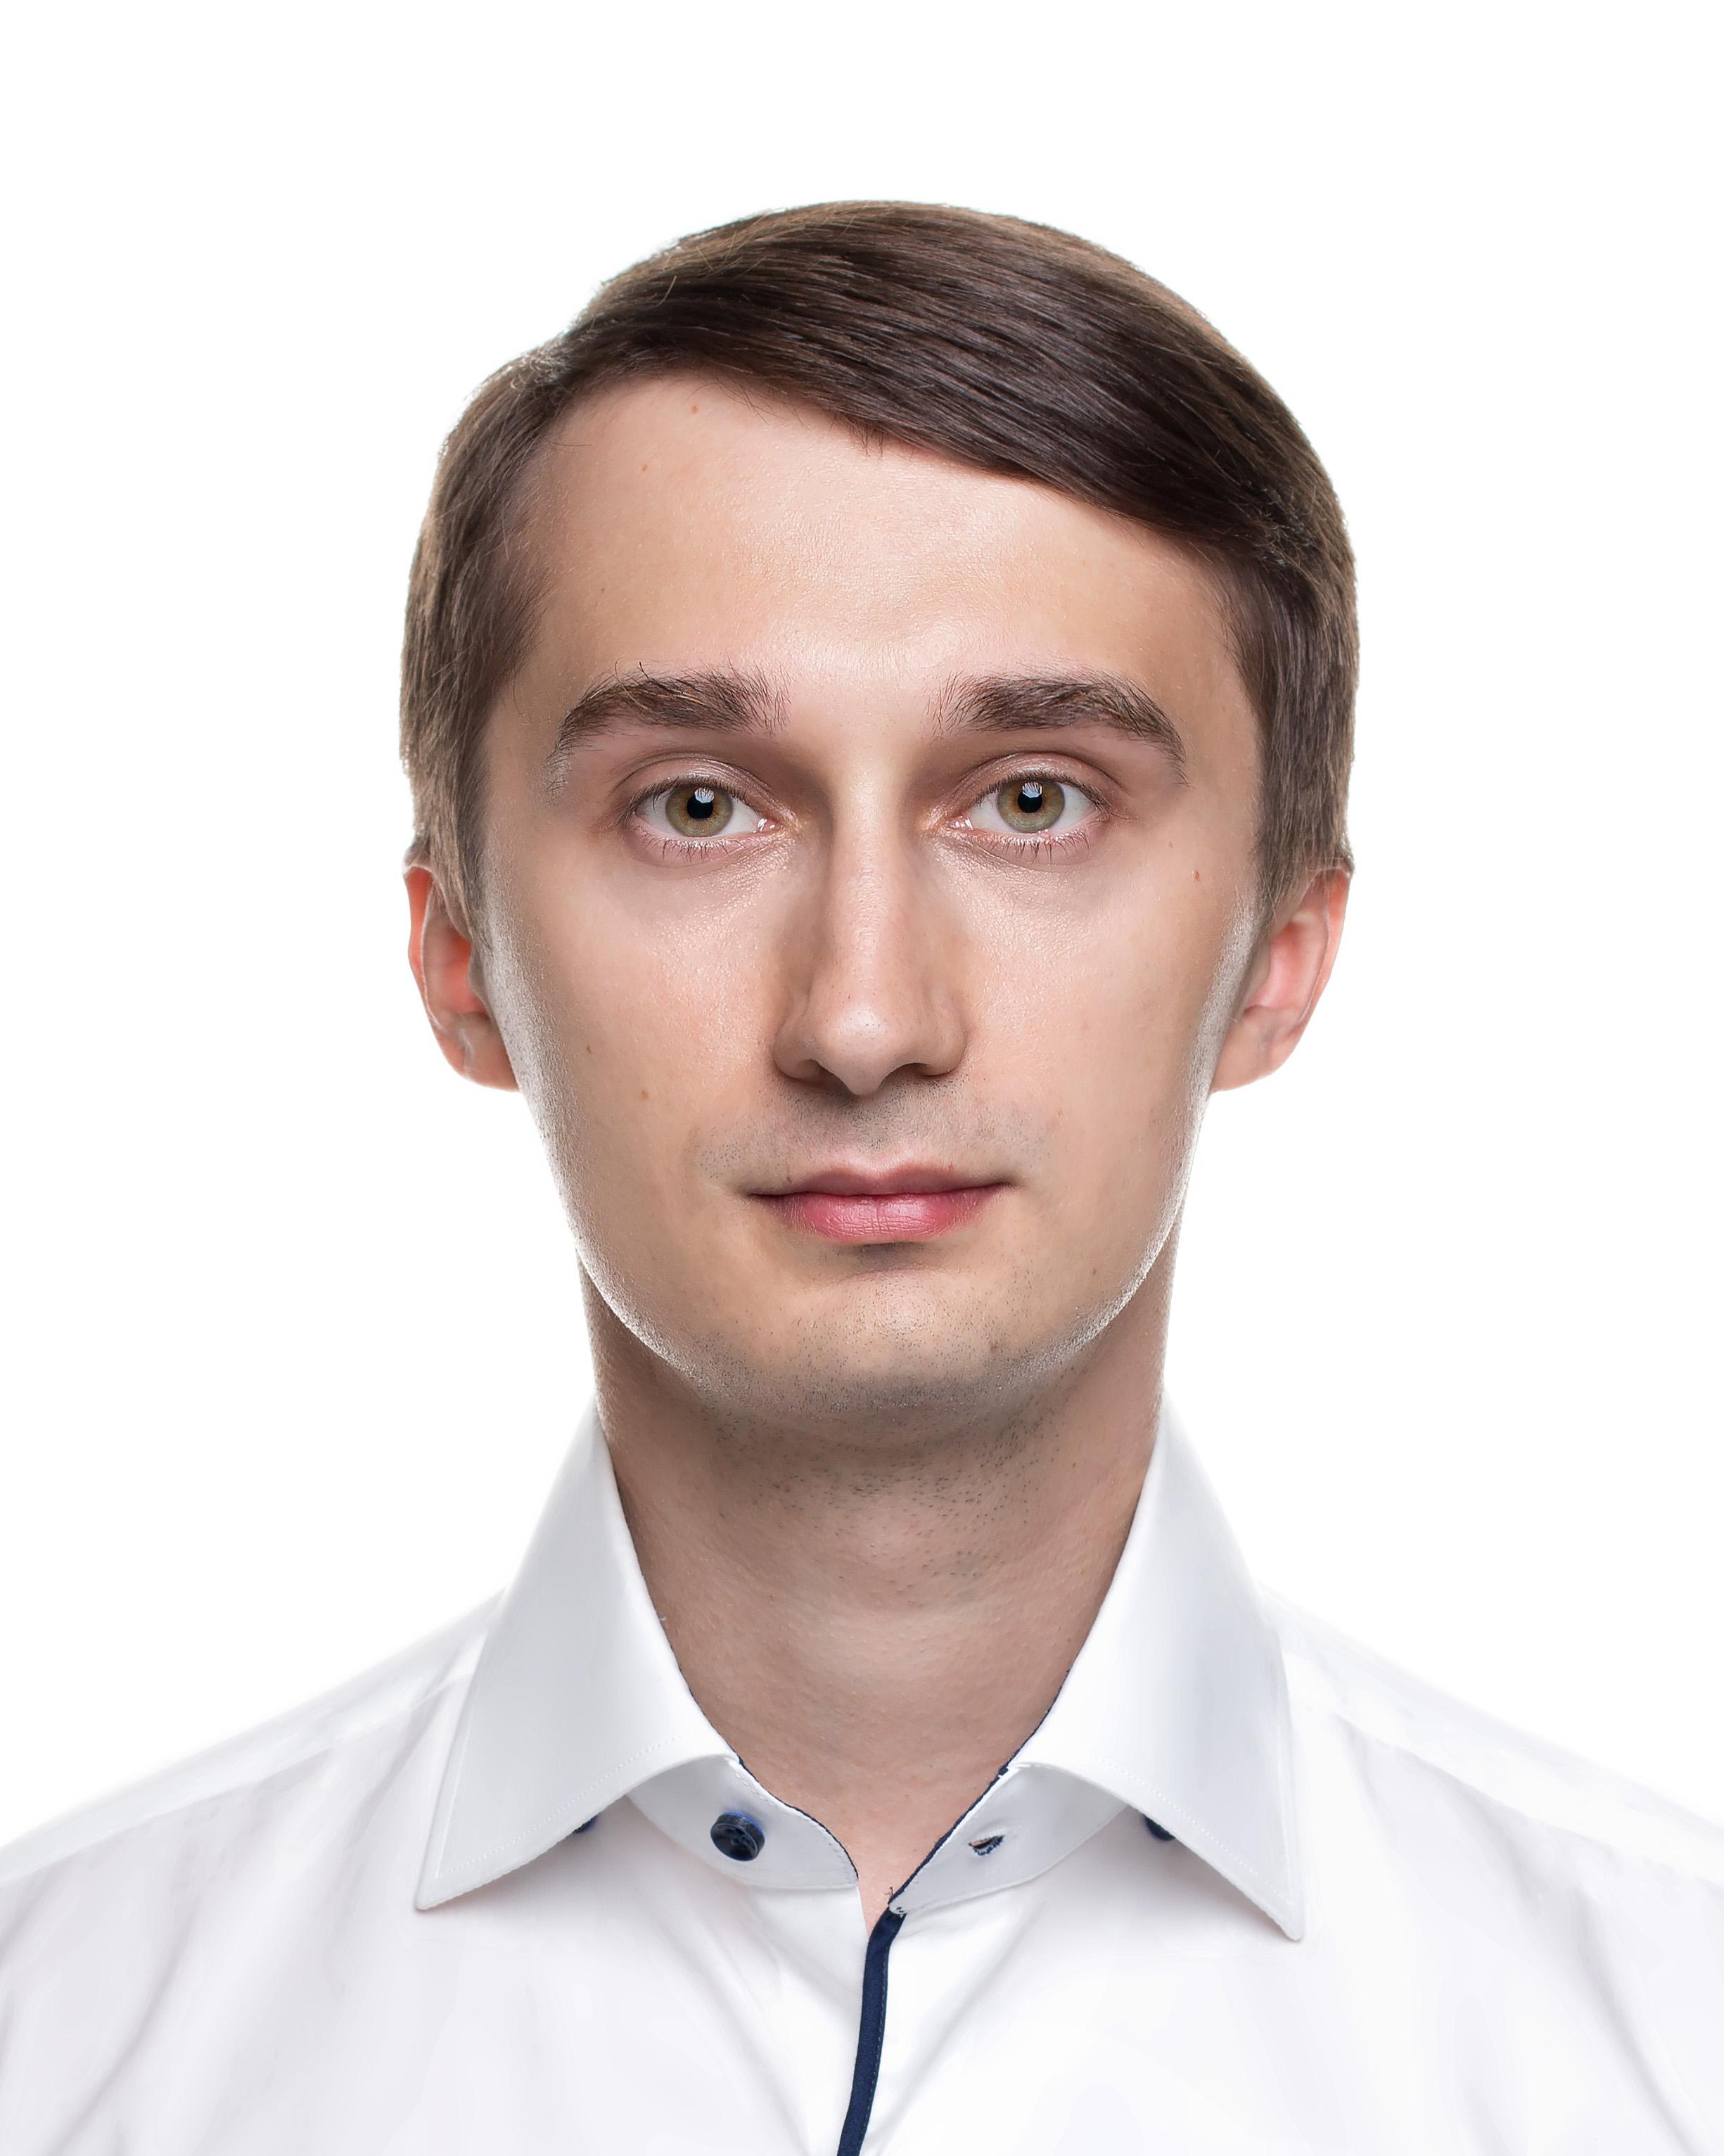 Болячкин Антон Сергеевич